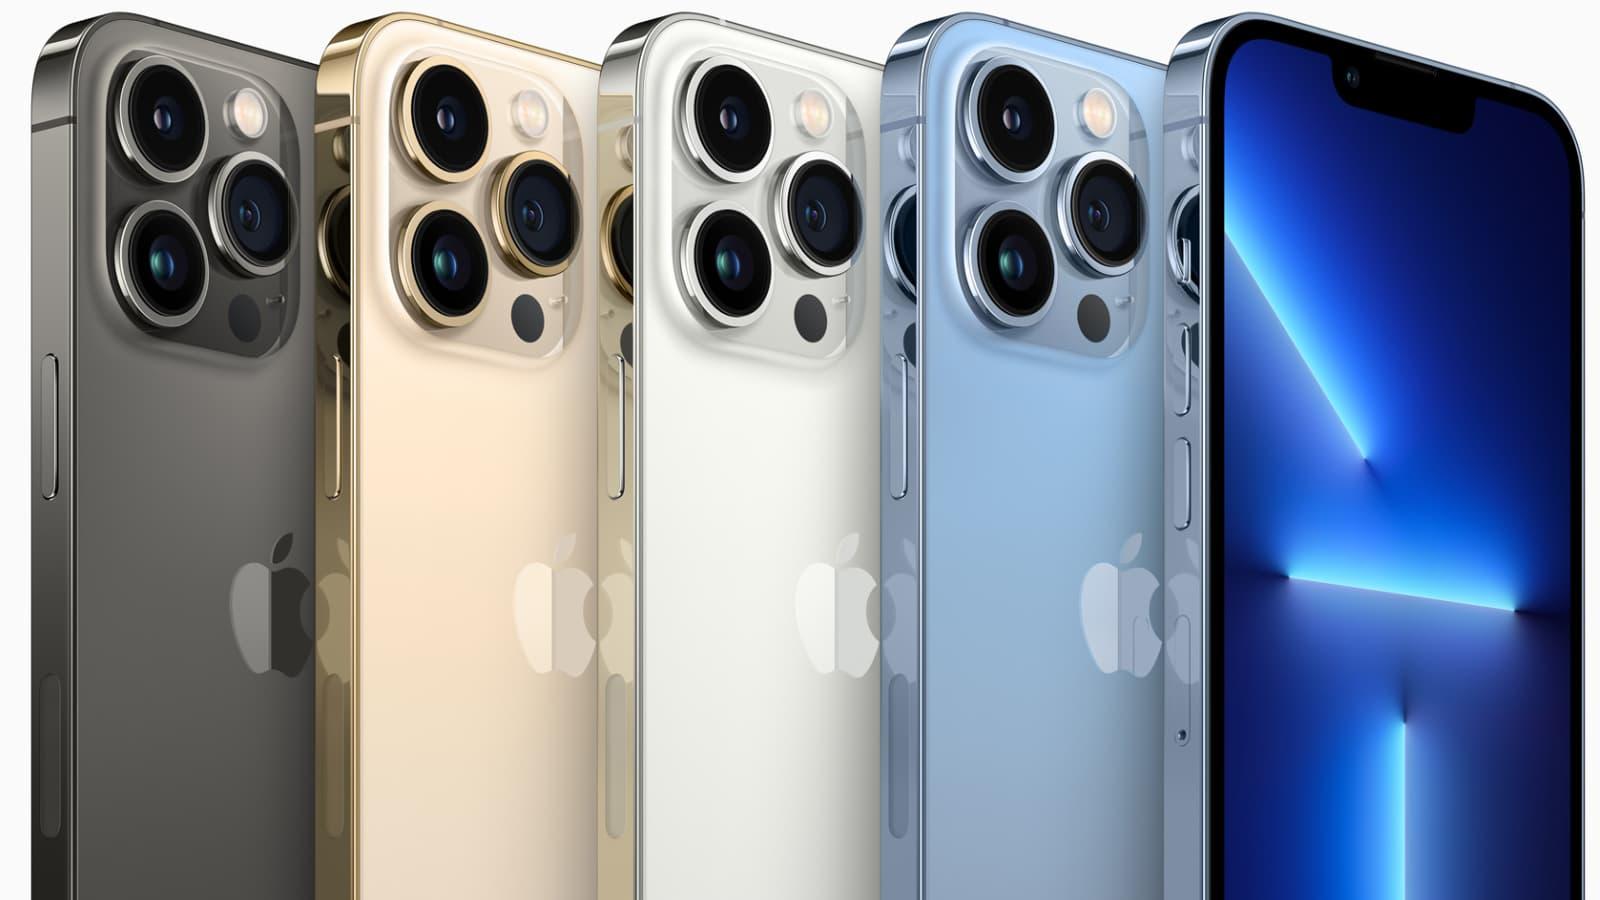 Croquez dans la pomme, craquez pour l'iPhone